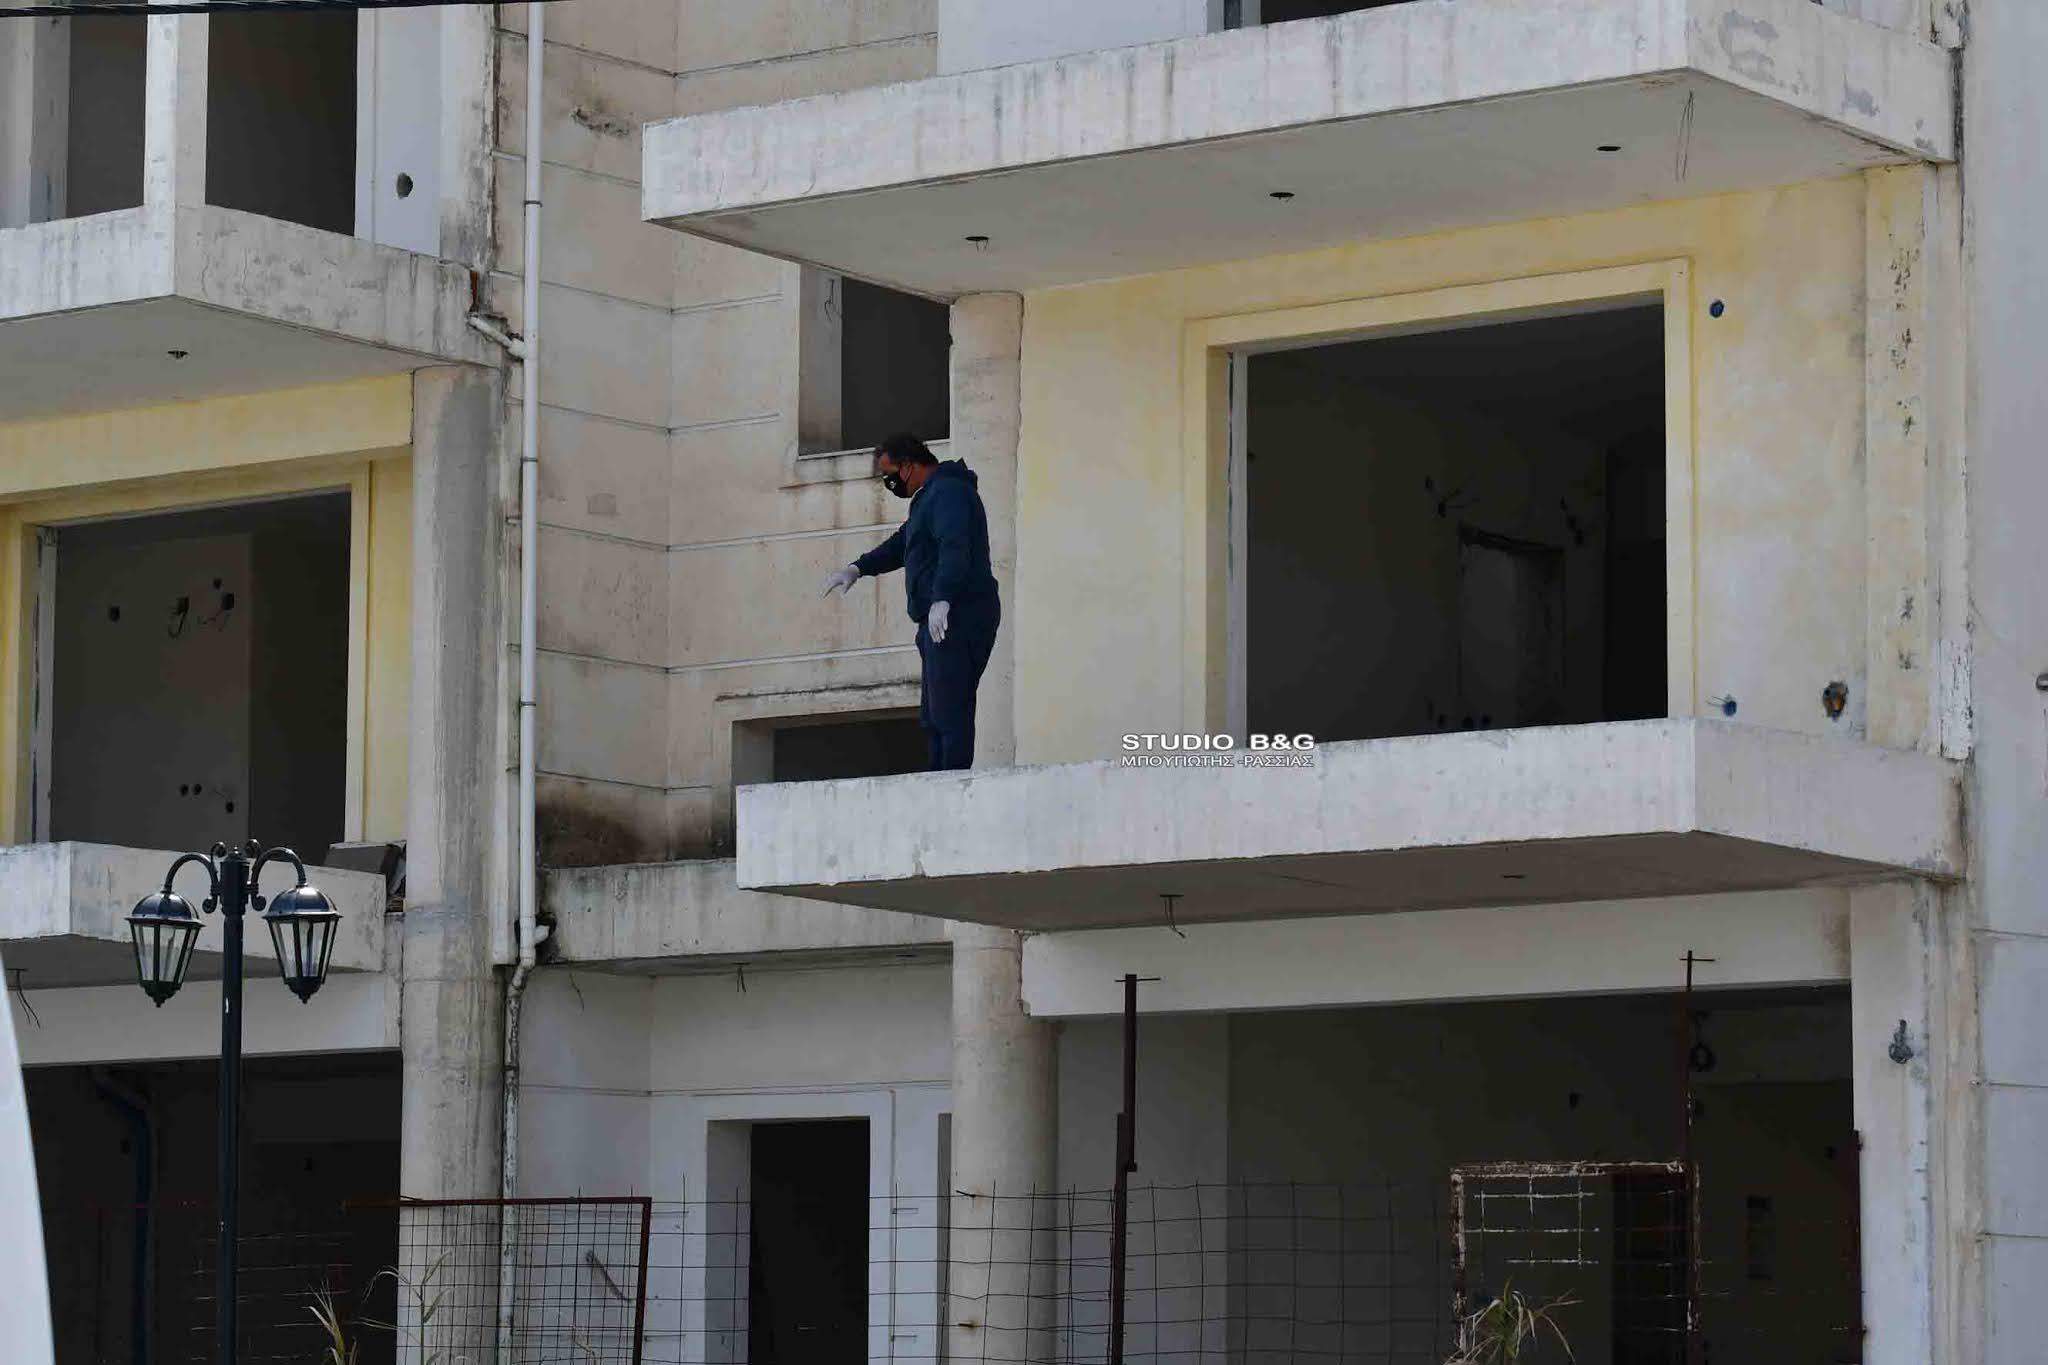 Ναύπλιο: Πτώμα άντρα σε πυλωτή οικοδομής – Θρίλερ με τις συνθήκες θανάτου του (pic)